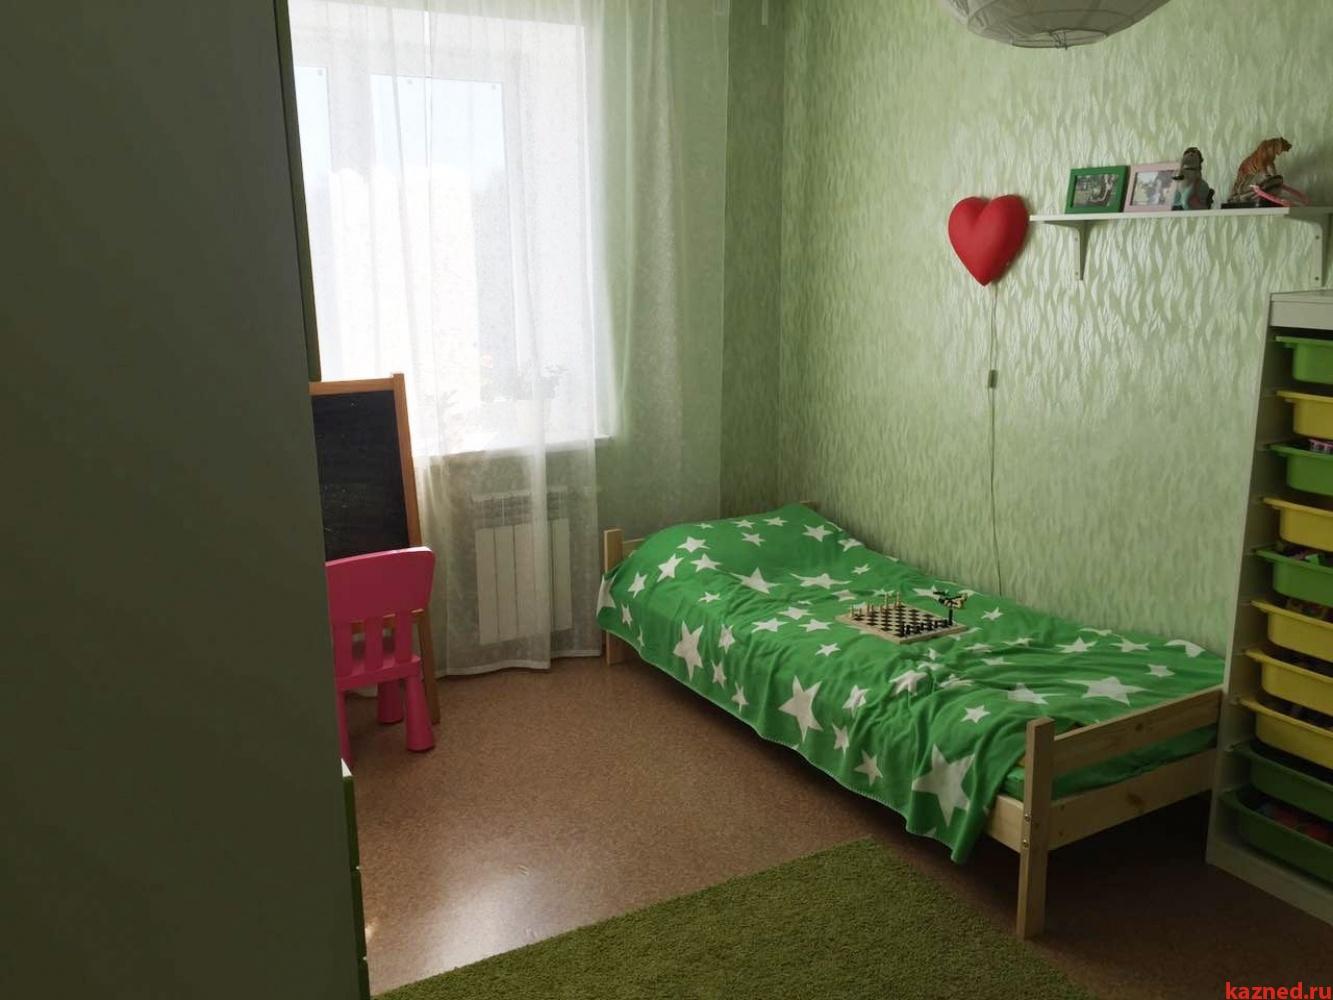 Продажа 3-к квартиры Станционная ул, 4, 82 м2  (миниатюра №4)